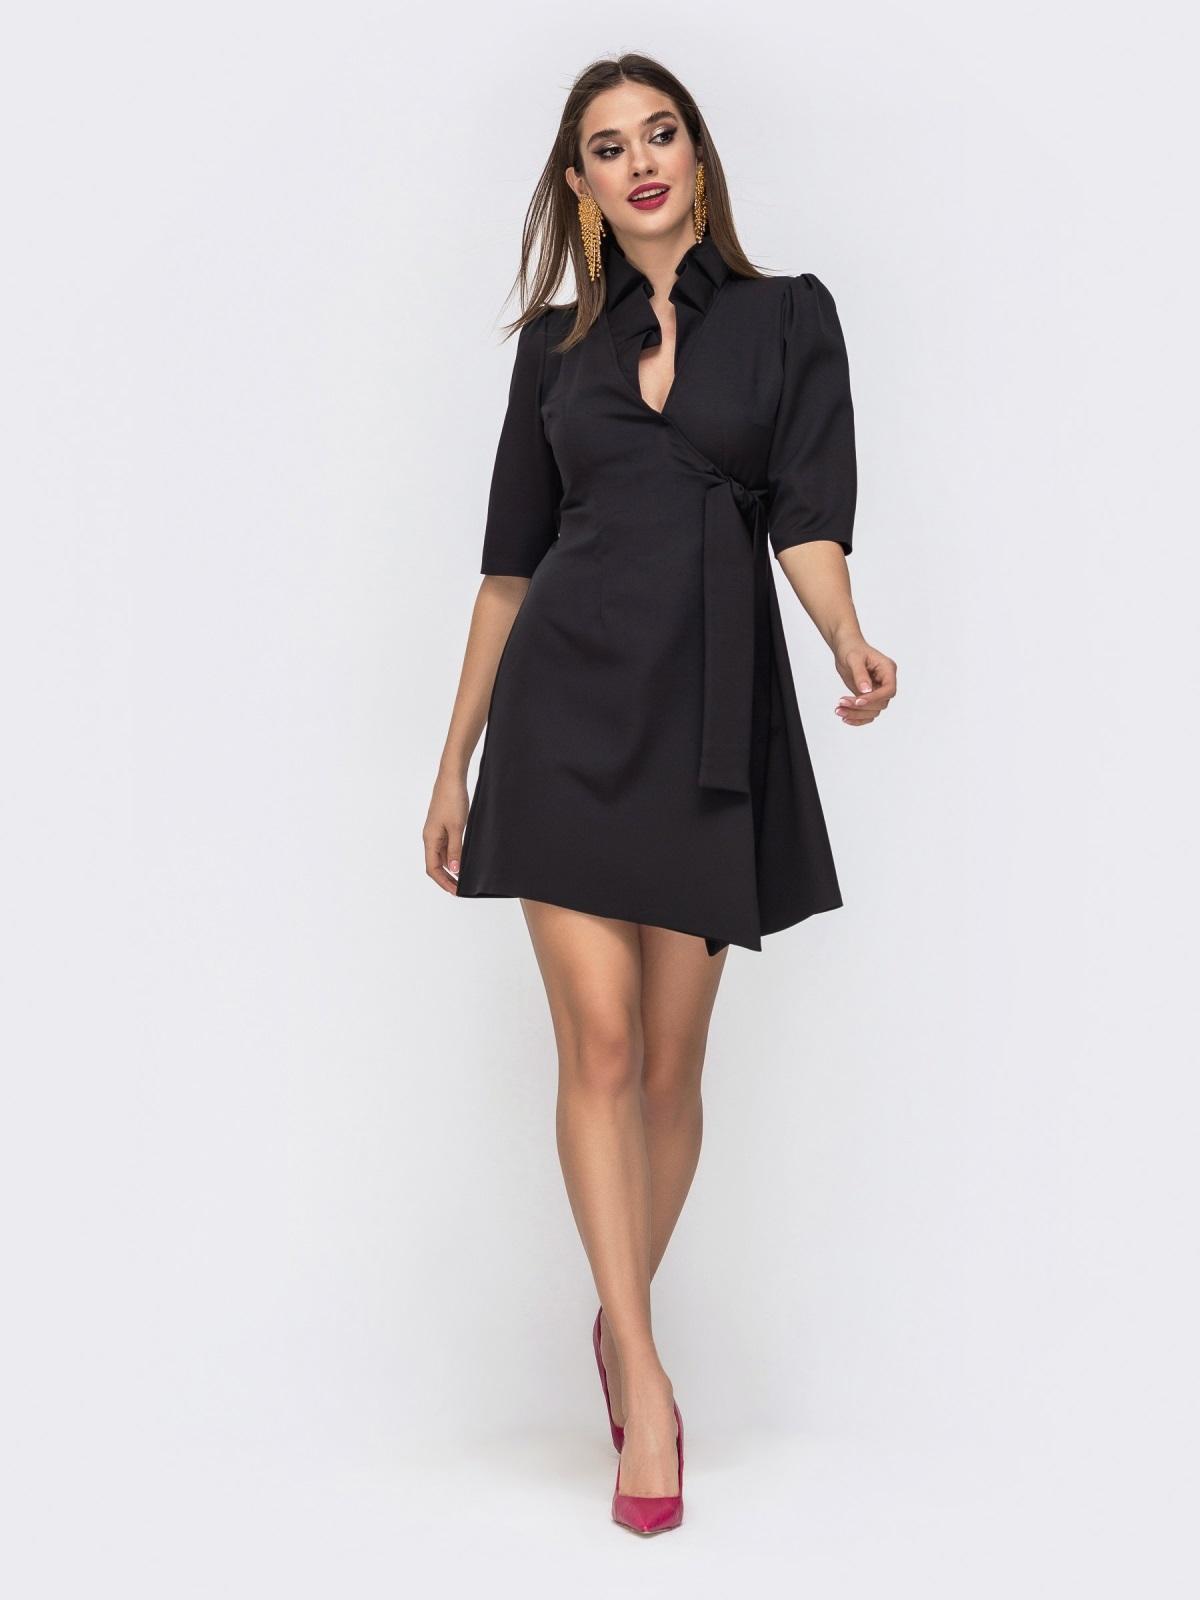 Платье на запах с воланом по вырезу чёрное 42923, фото 1